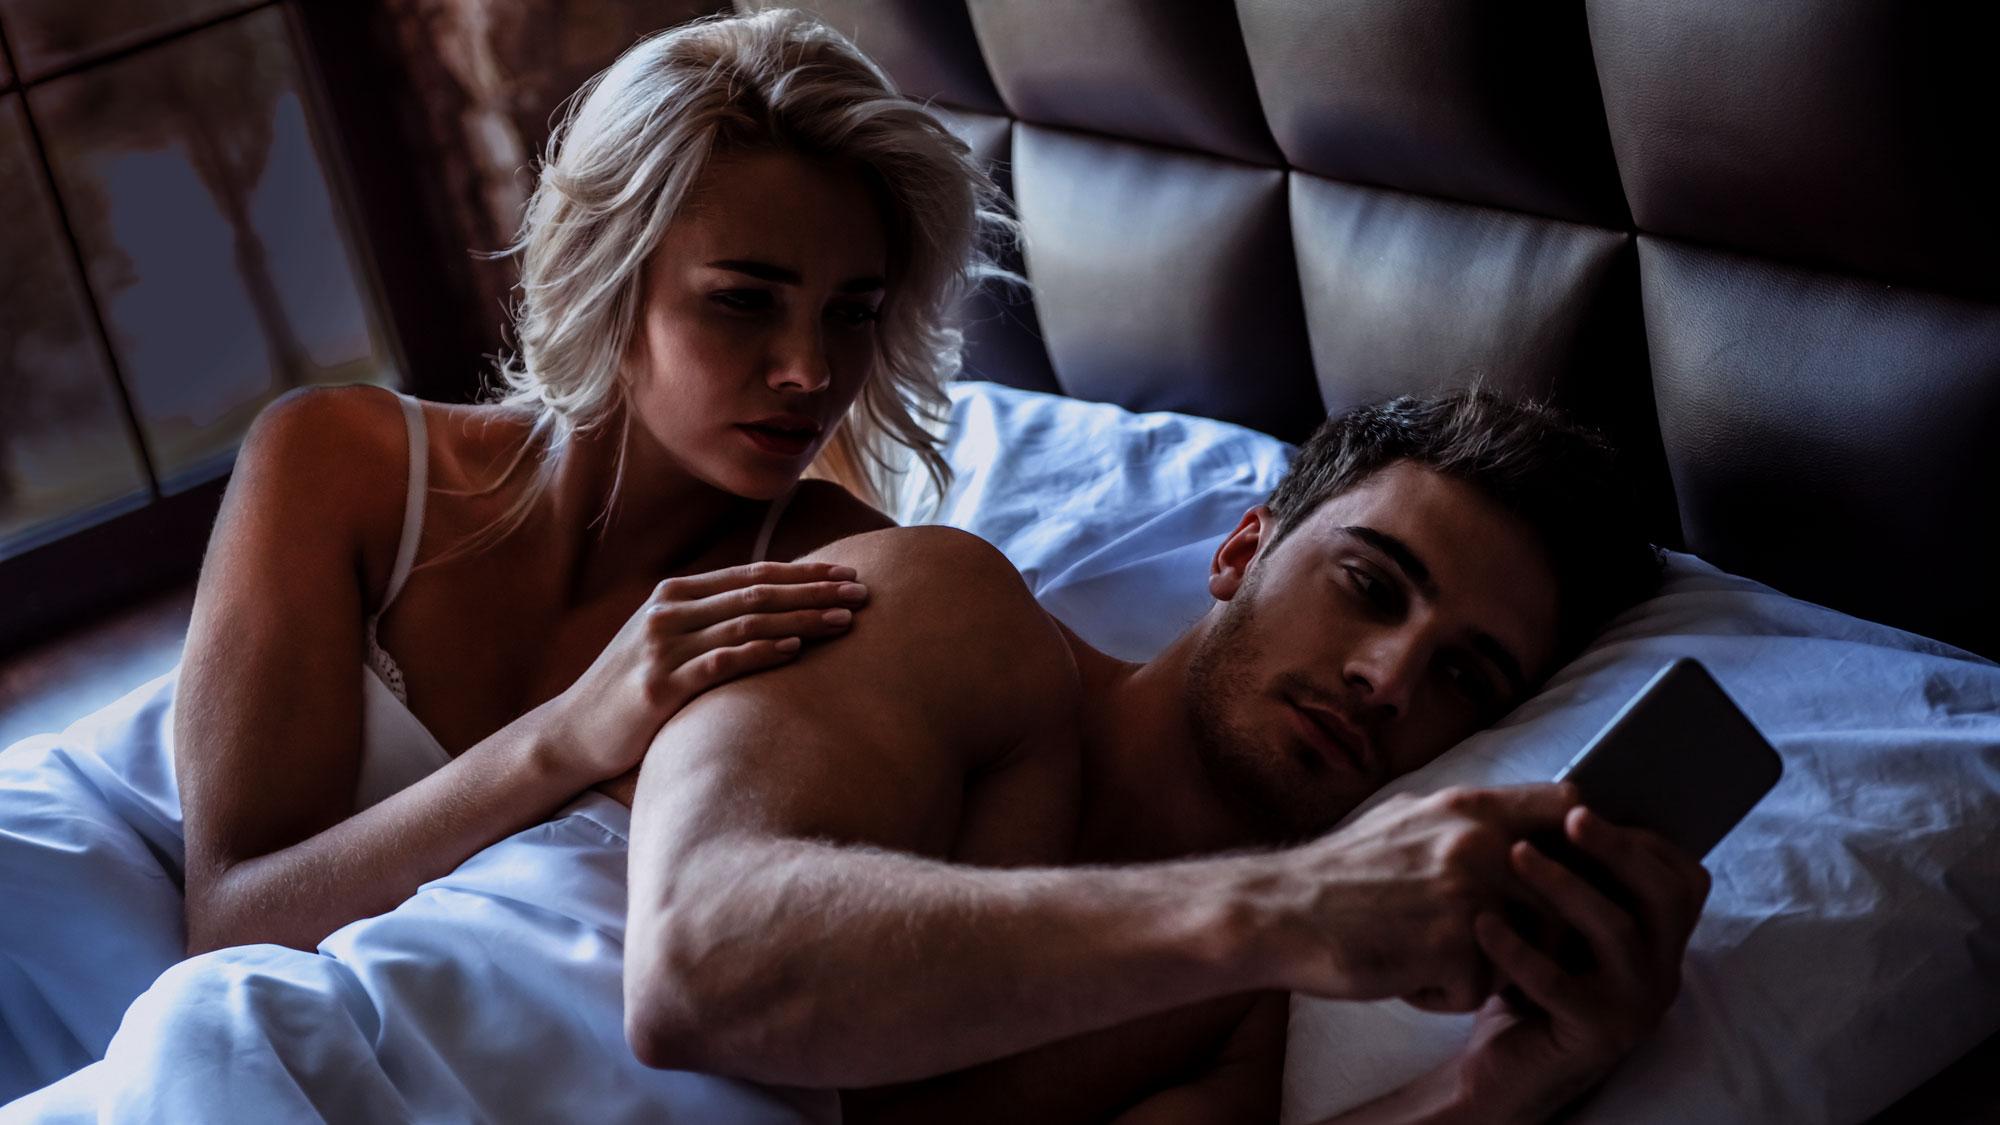 manželka vyměnit porno